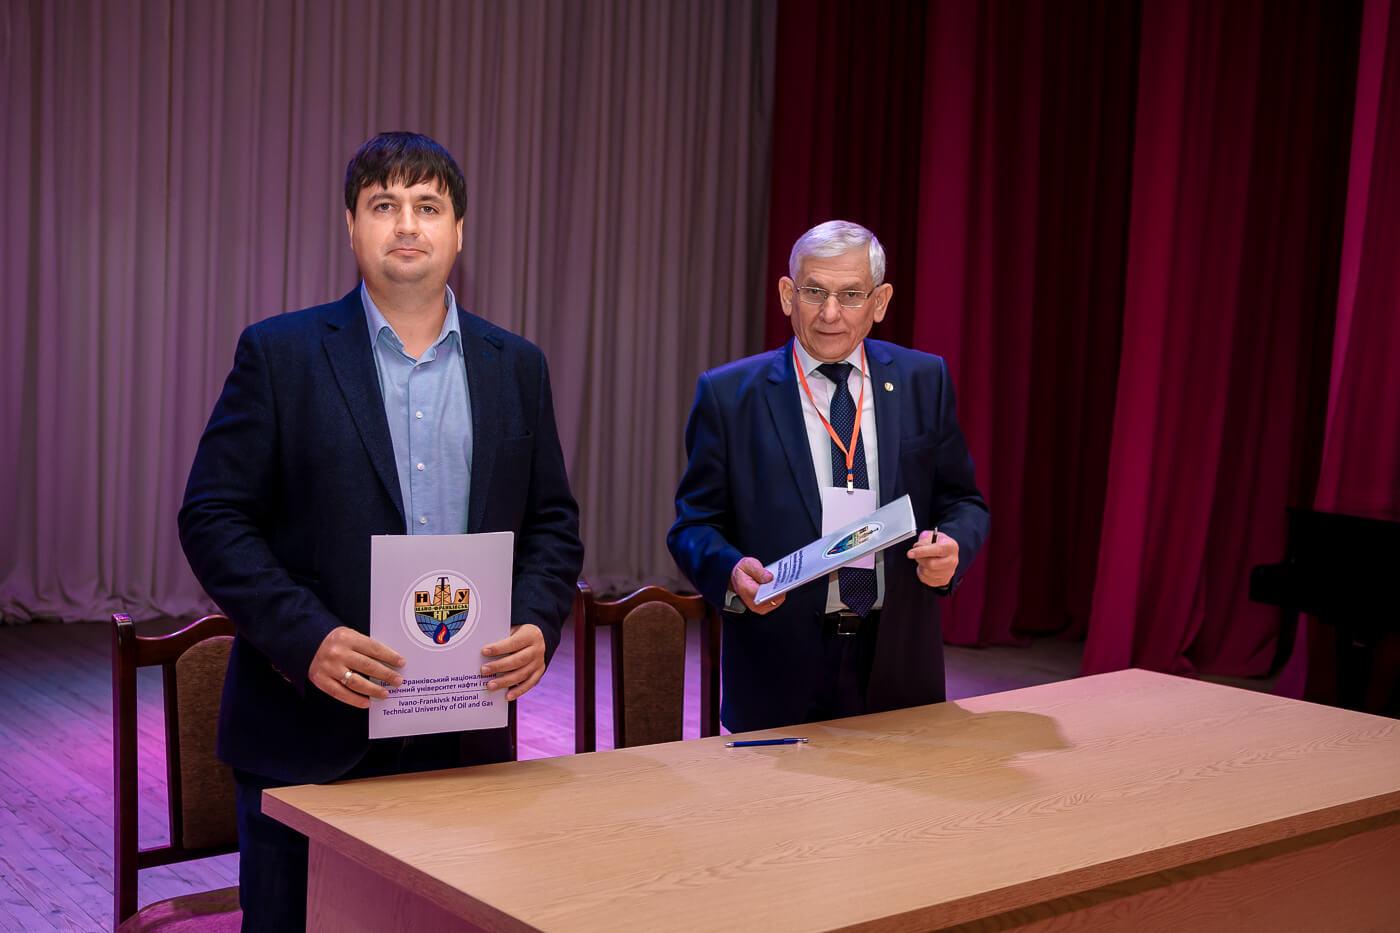 Найбільша IT-компанія України – EPAM – підписала угоду про співпрацю з університетом нафти й газу